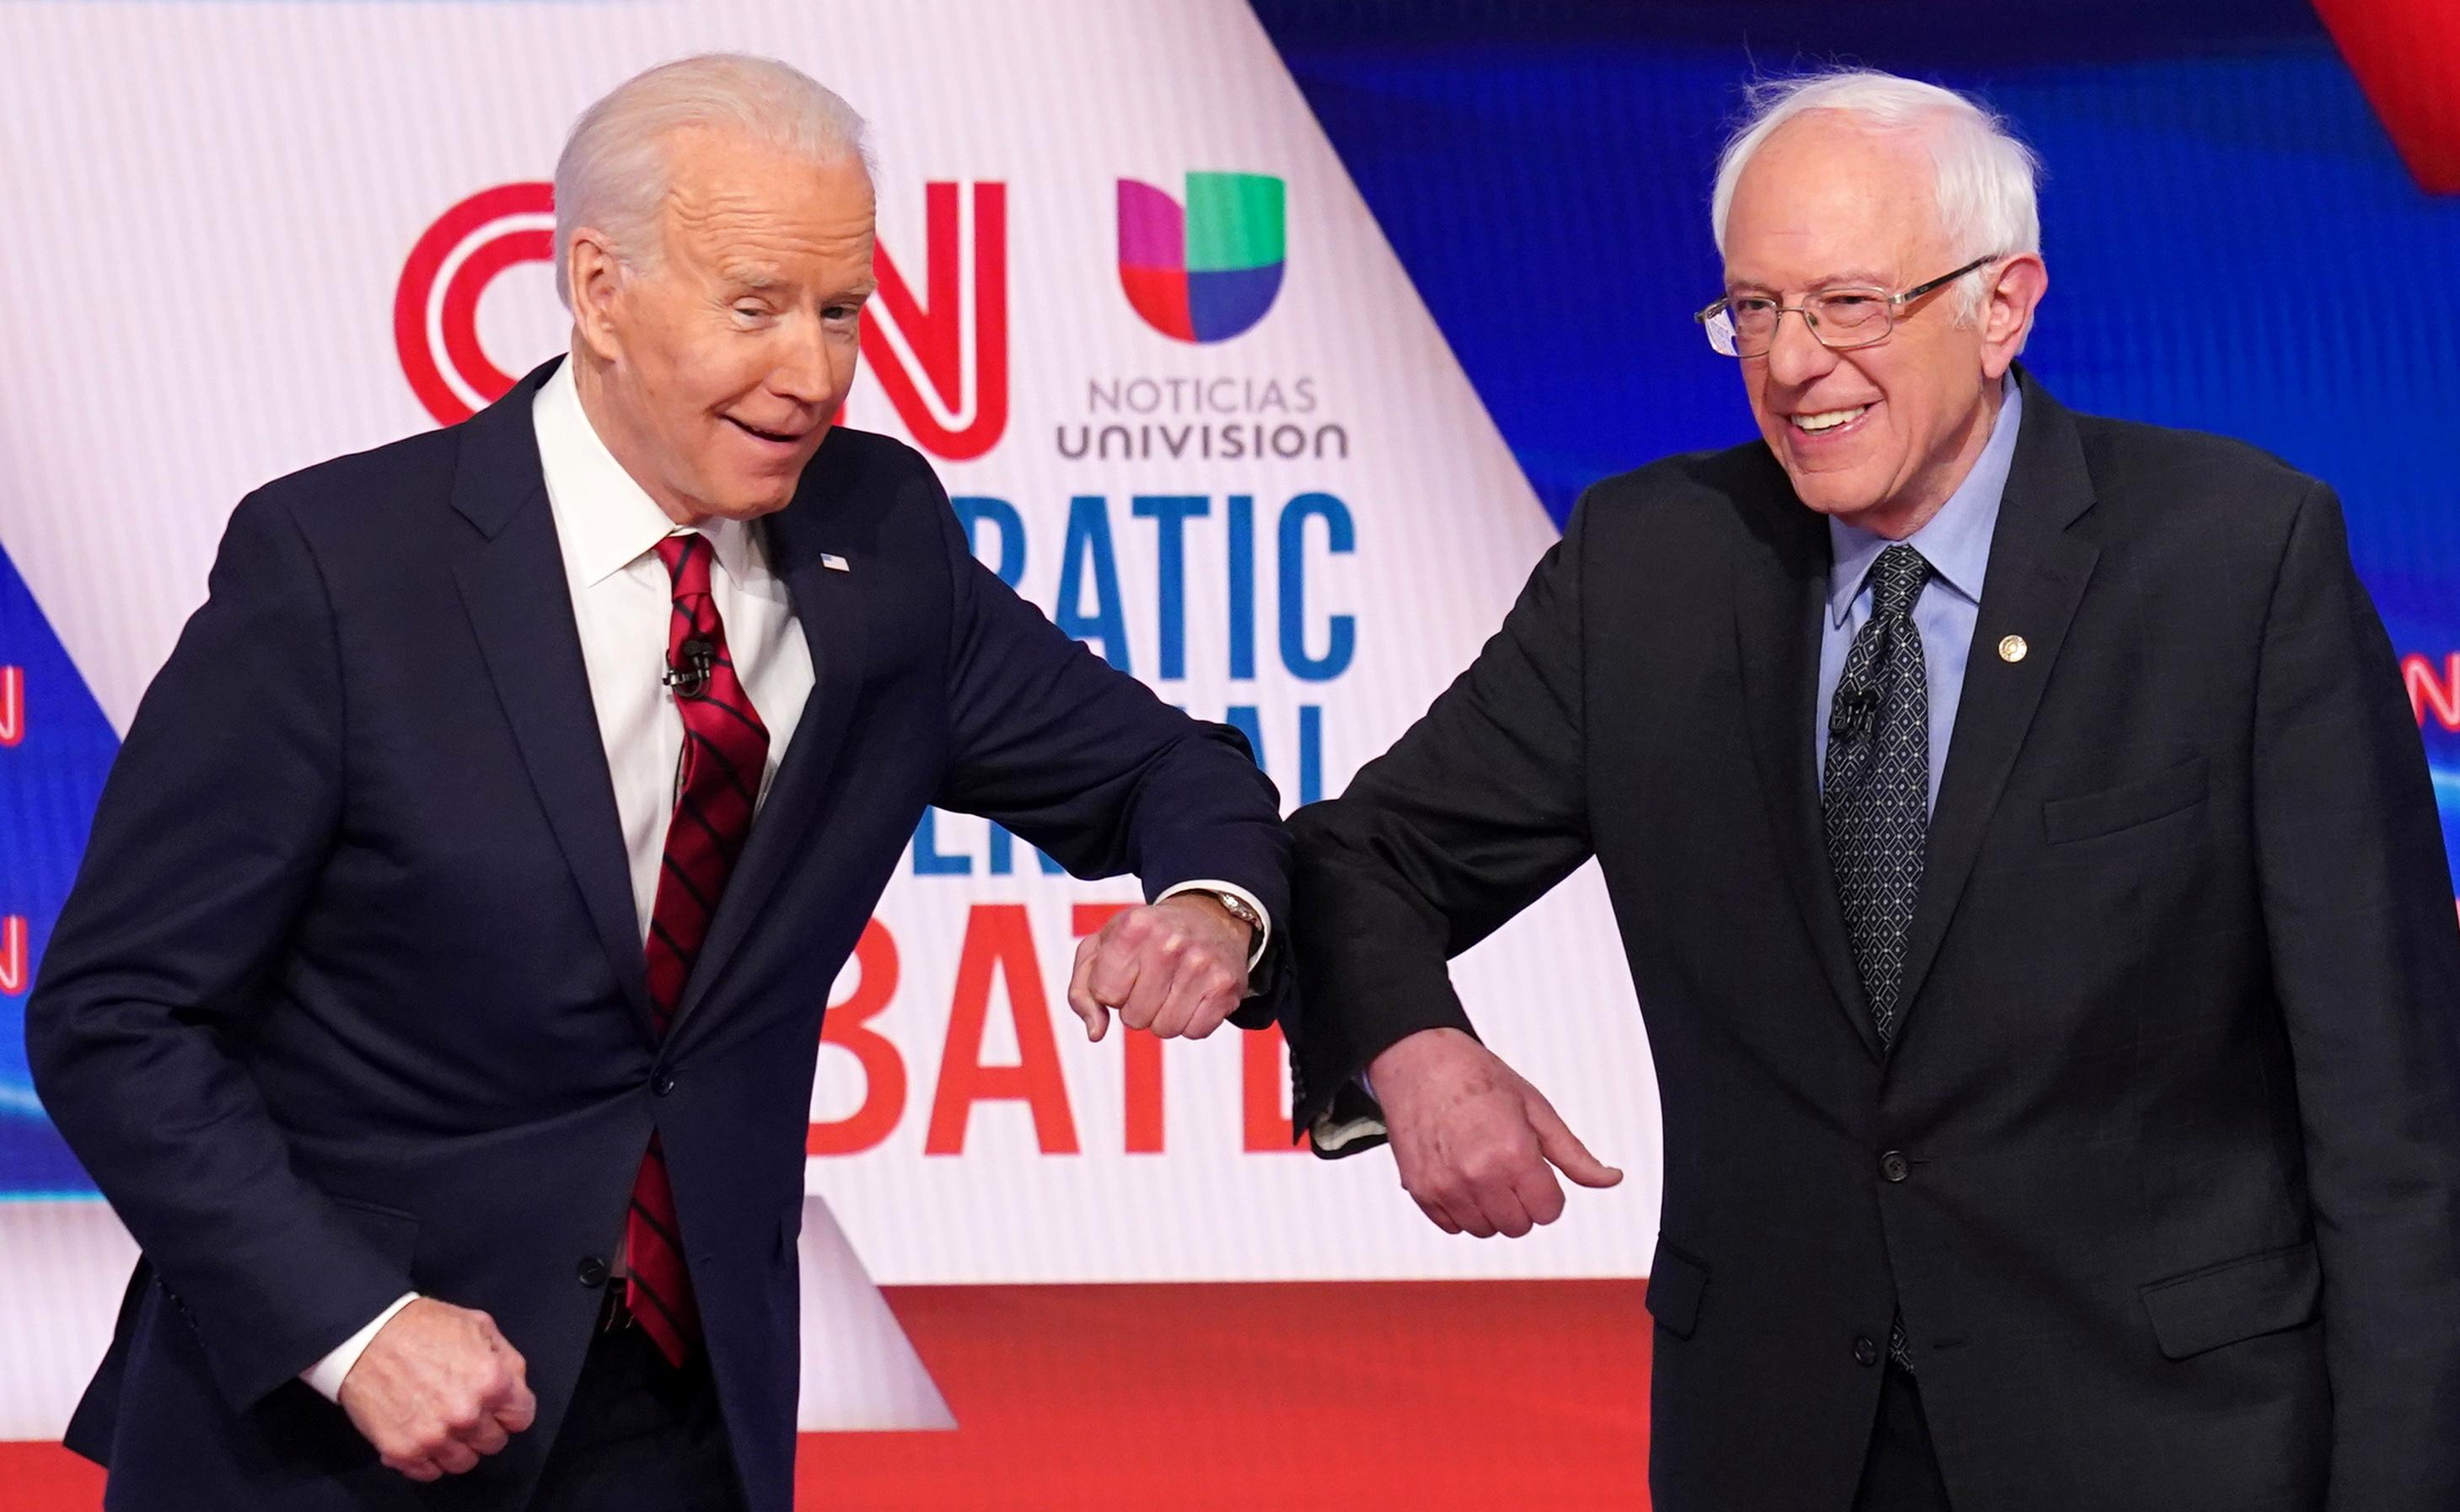 Joe Biden e Bernie Sanders, pré-candidatos democrata à presidência dos EUA